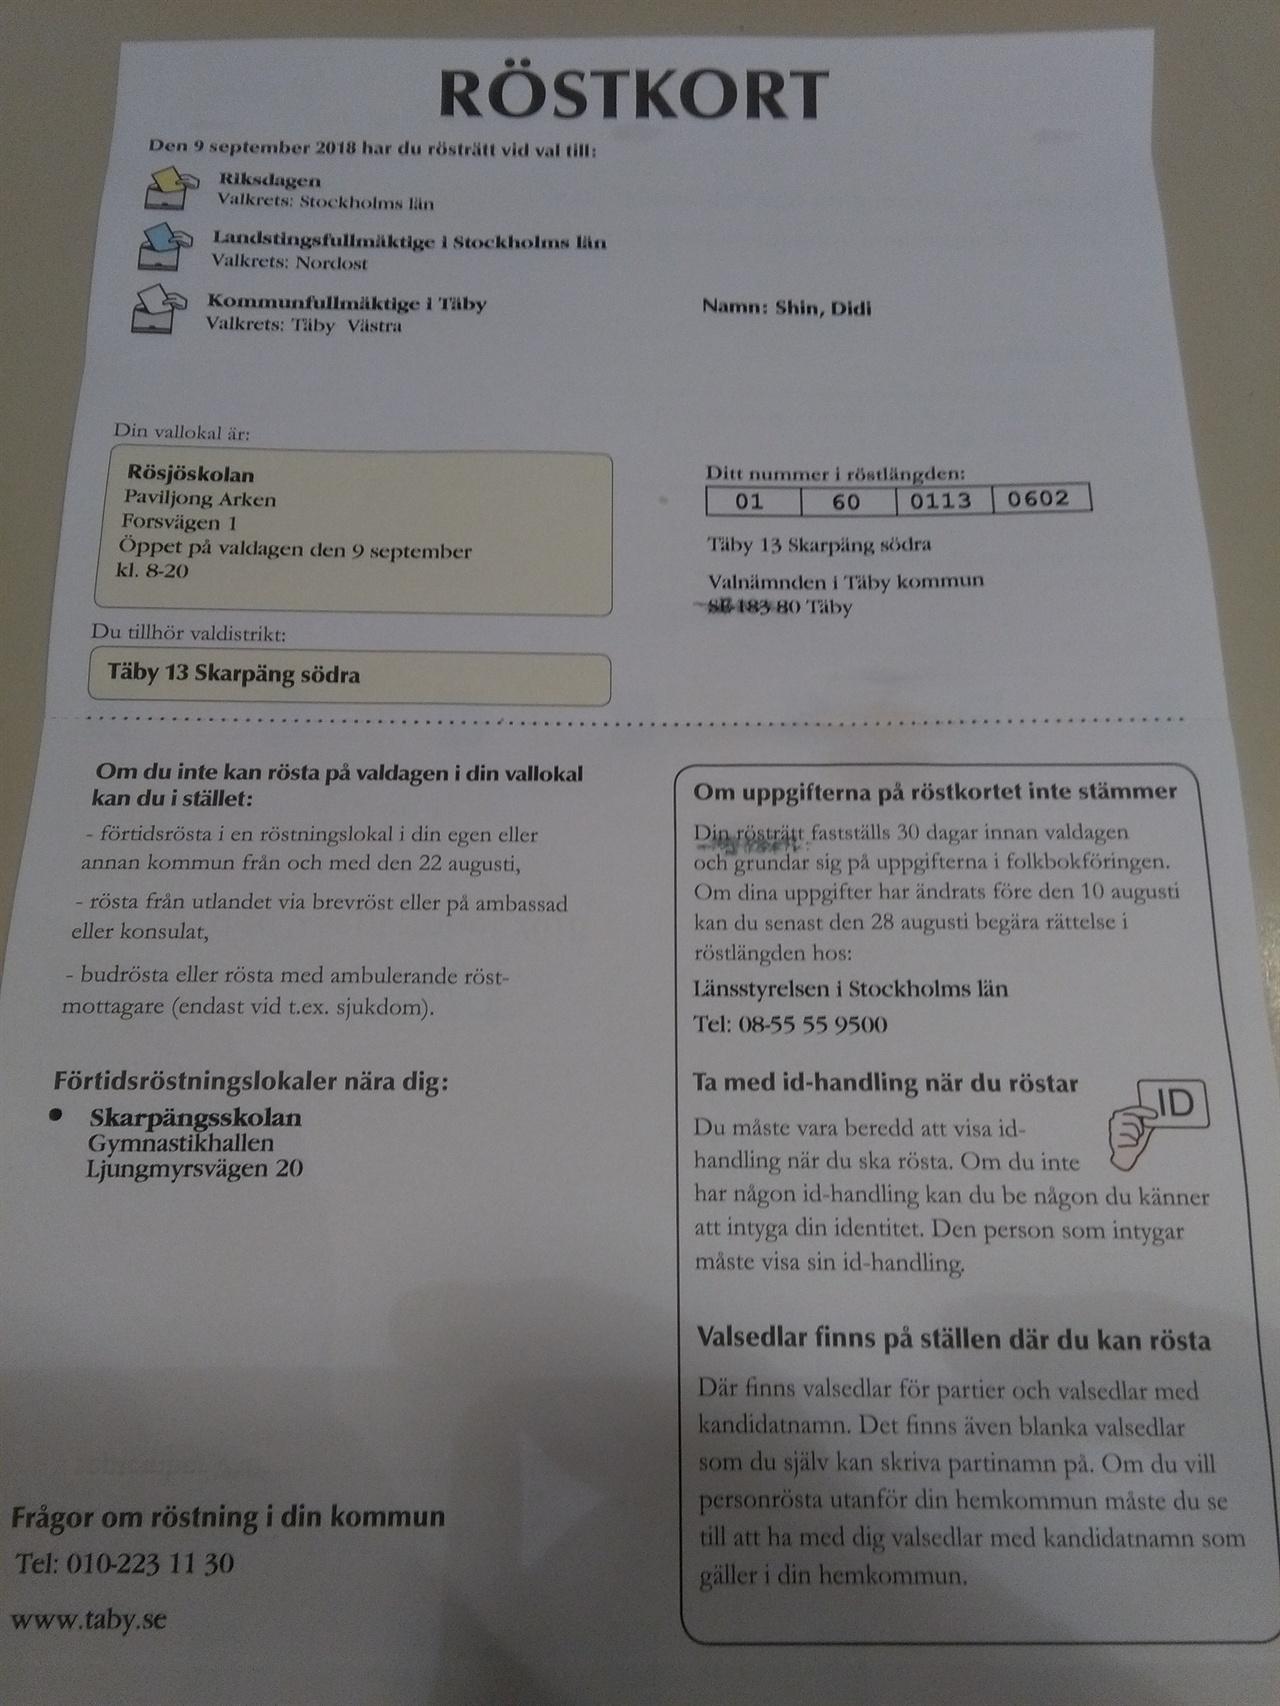 투표 통지표 이번 주에 배달된 투표통지표. 선거권의 범위, 투표장 위치, 투표시간 등이 기재되어 있다.